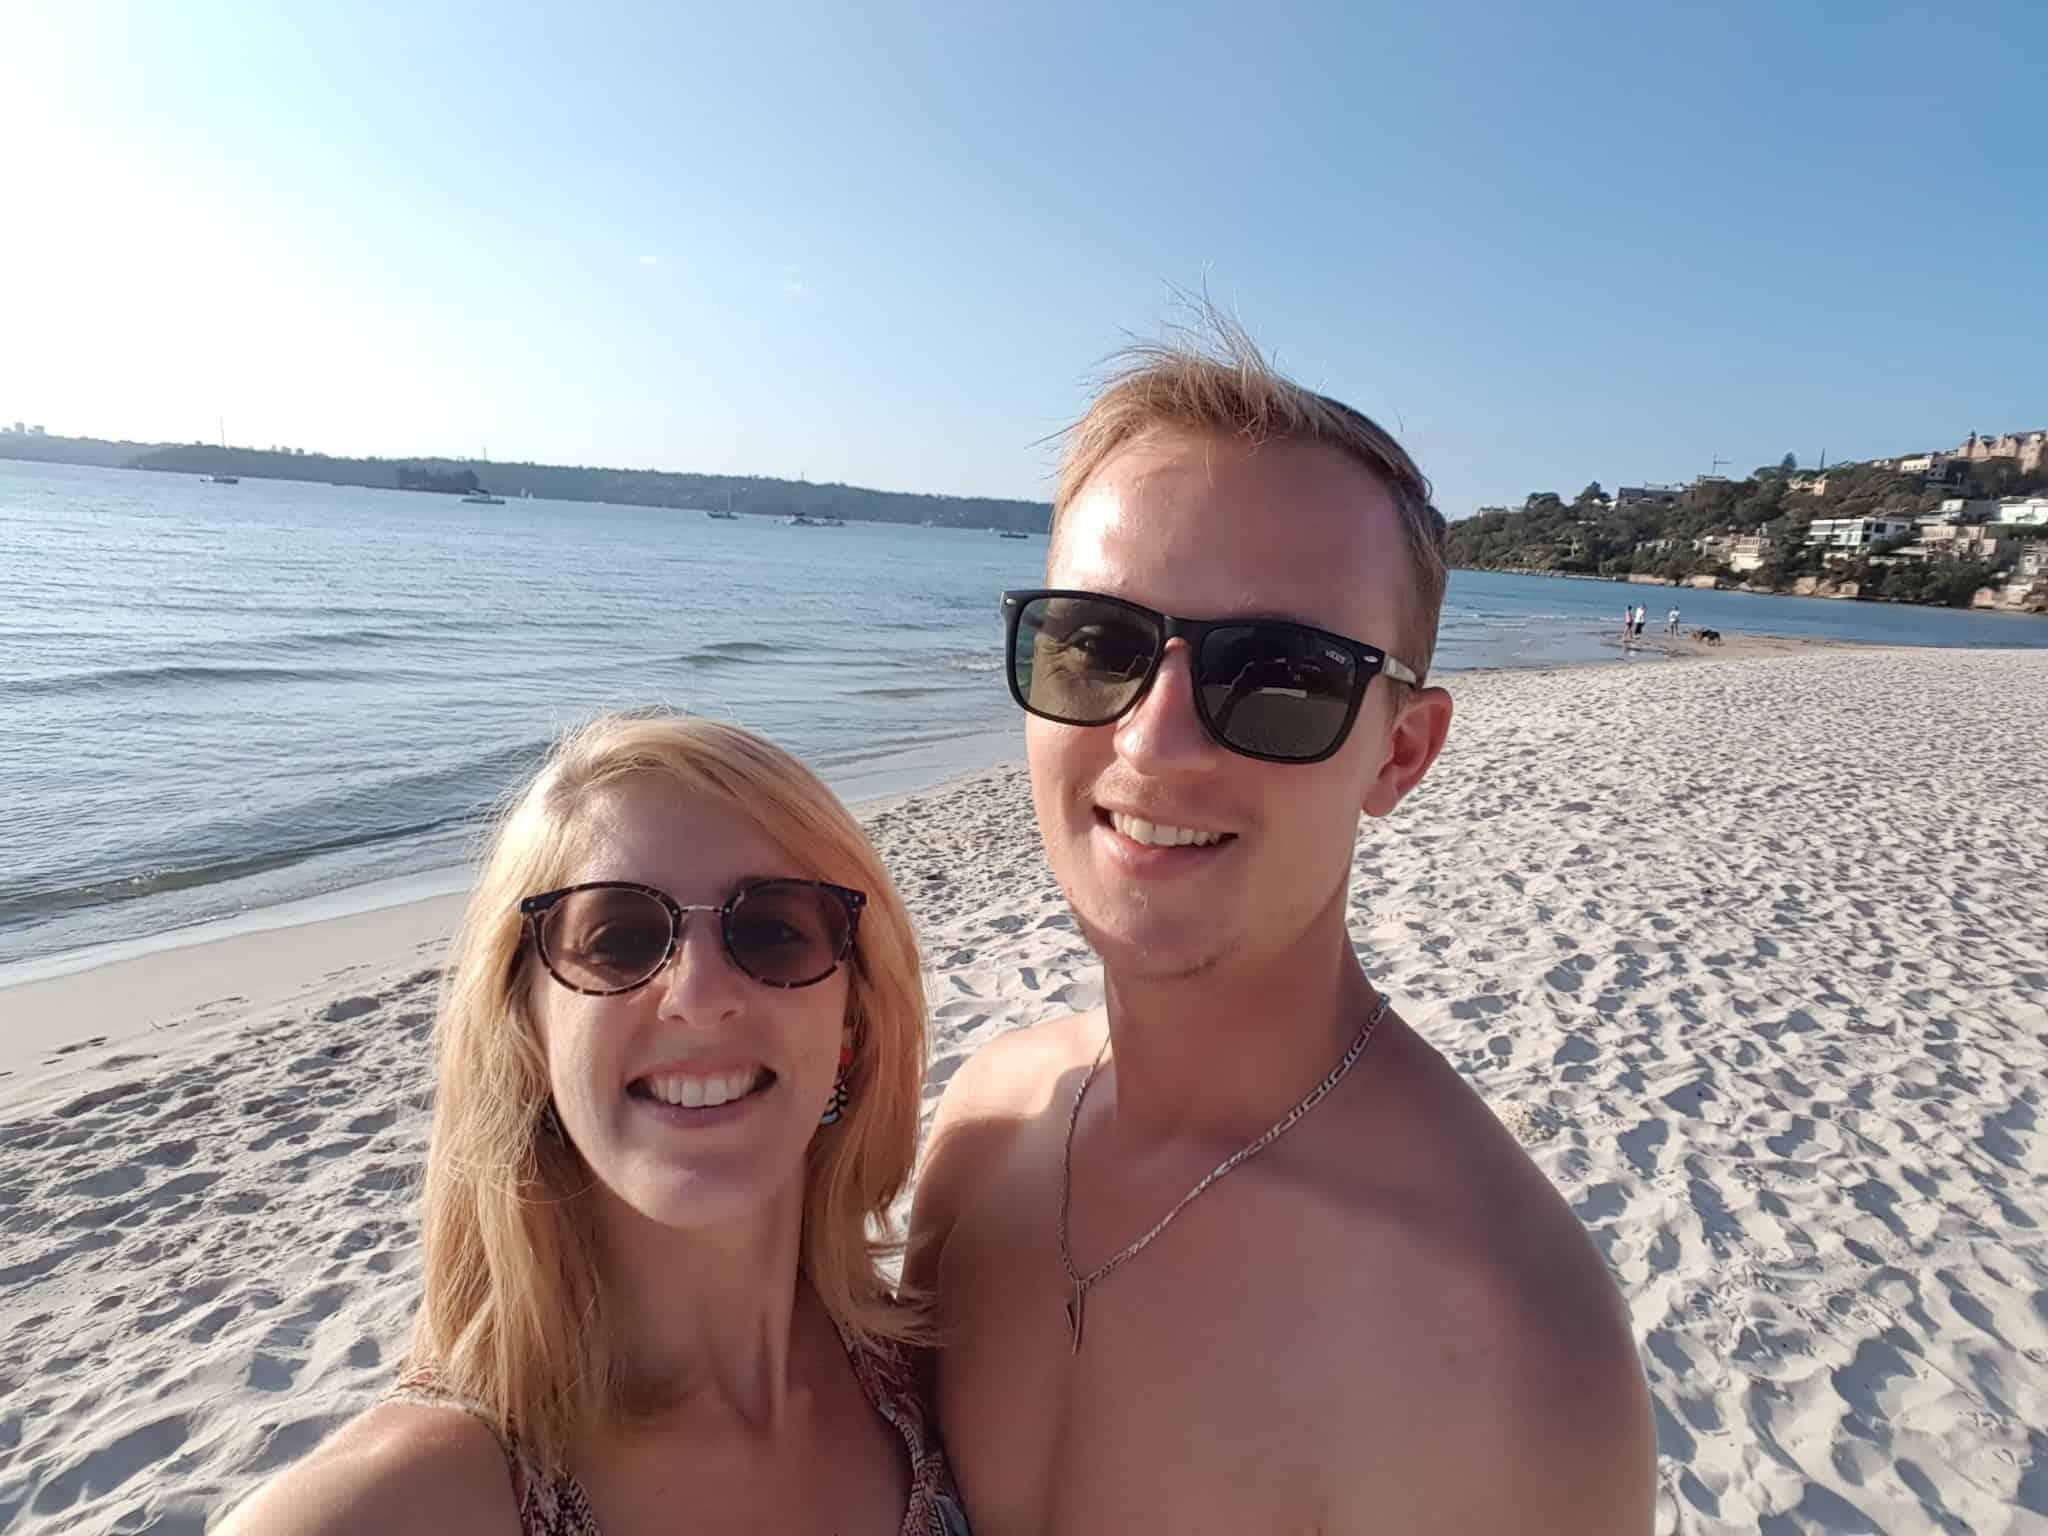 Australie, trois jours dans le quartier de Bondi Beach ⛱ 17